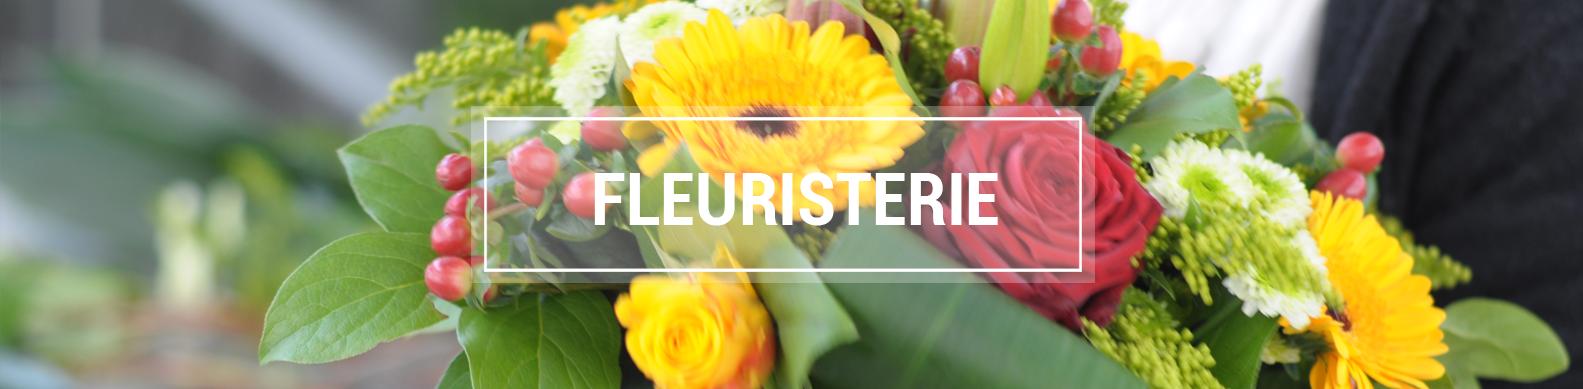 baniere-fleuristerie